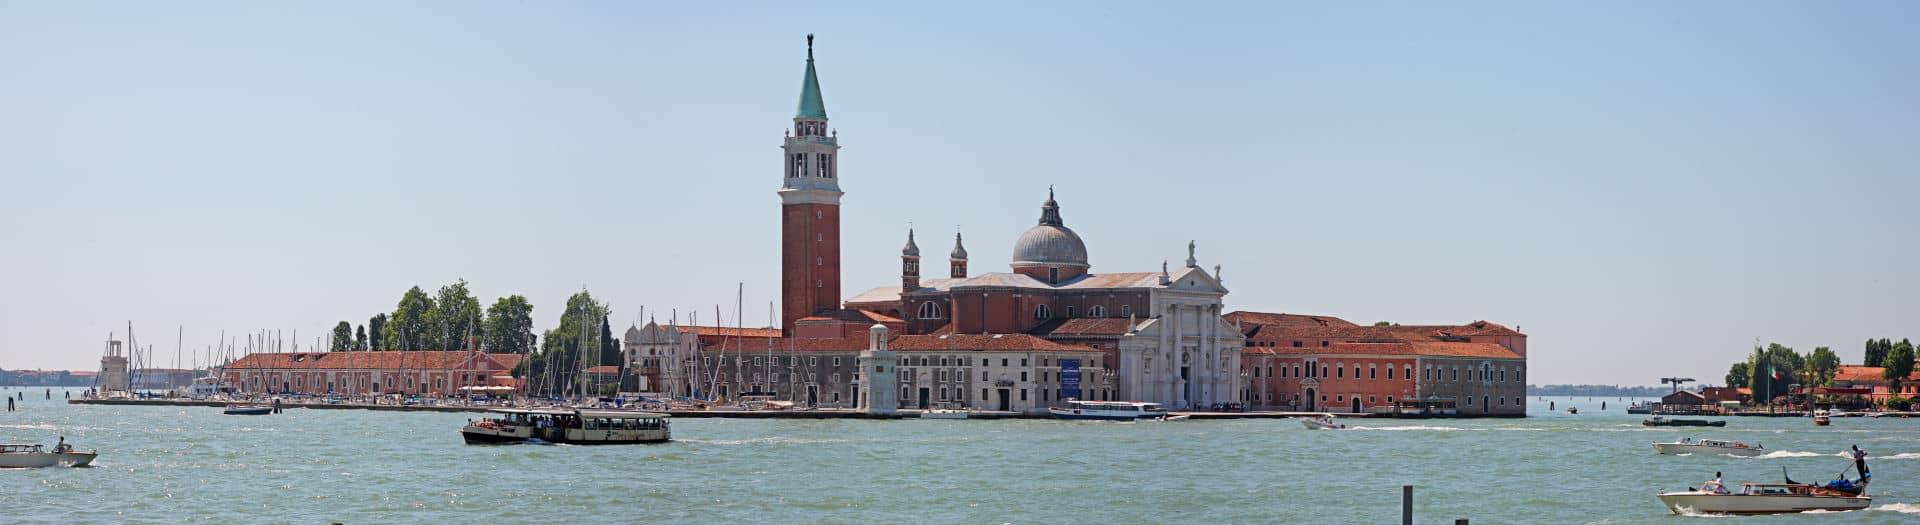 isola di san giorgio venezia 8 dicembre